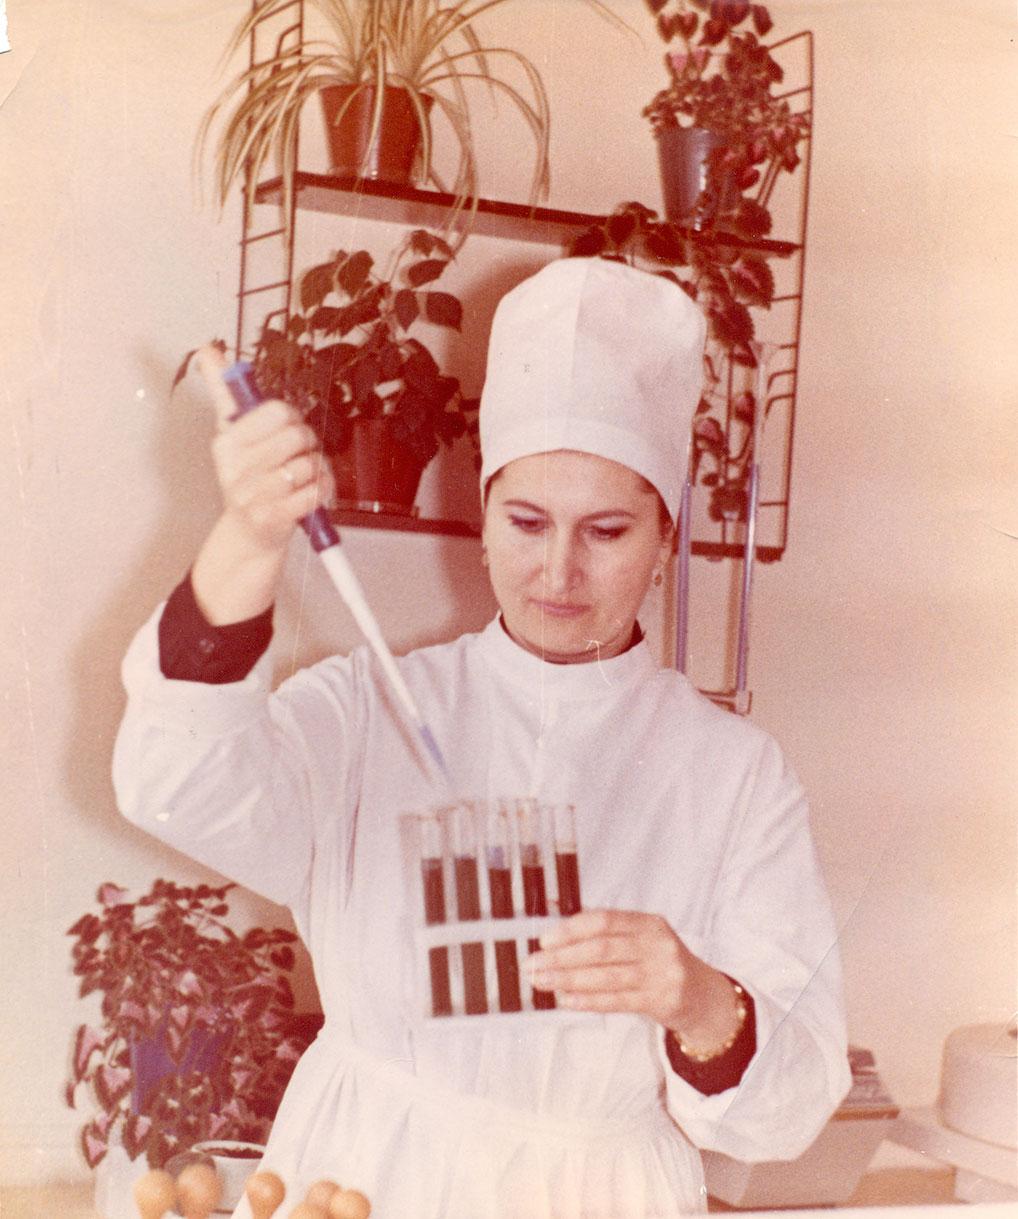 Сотрудница лаборатории, 1988 год.